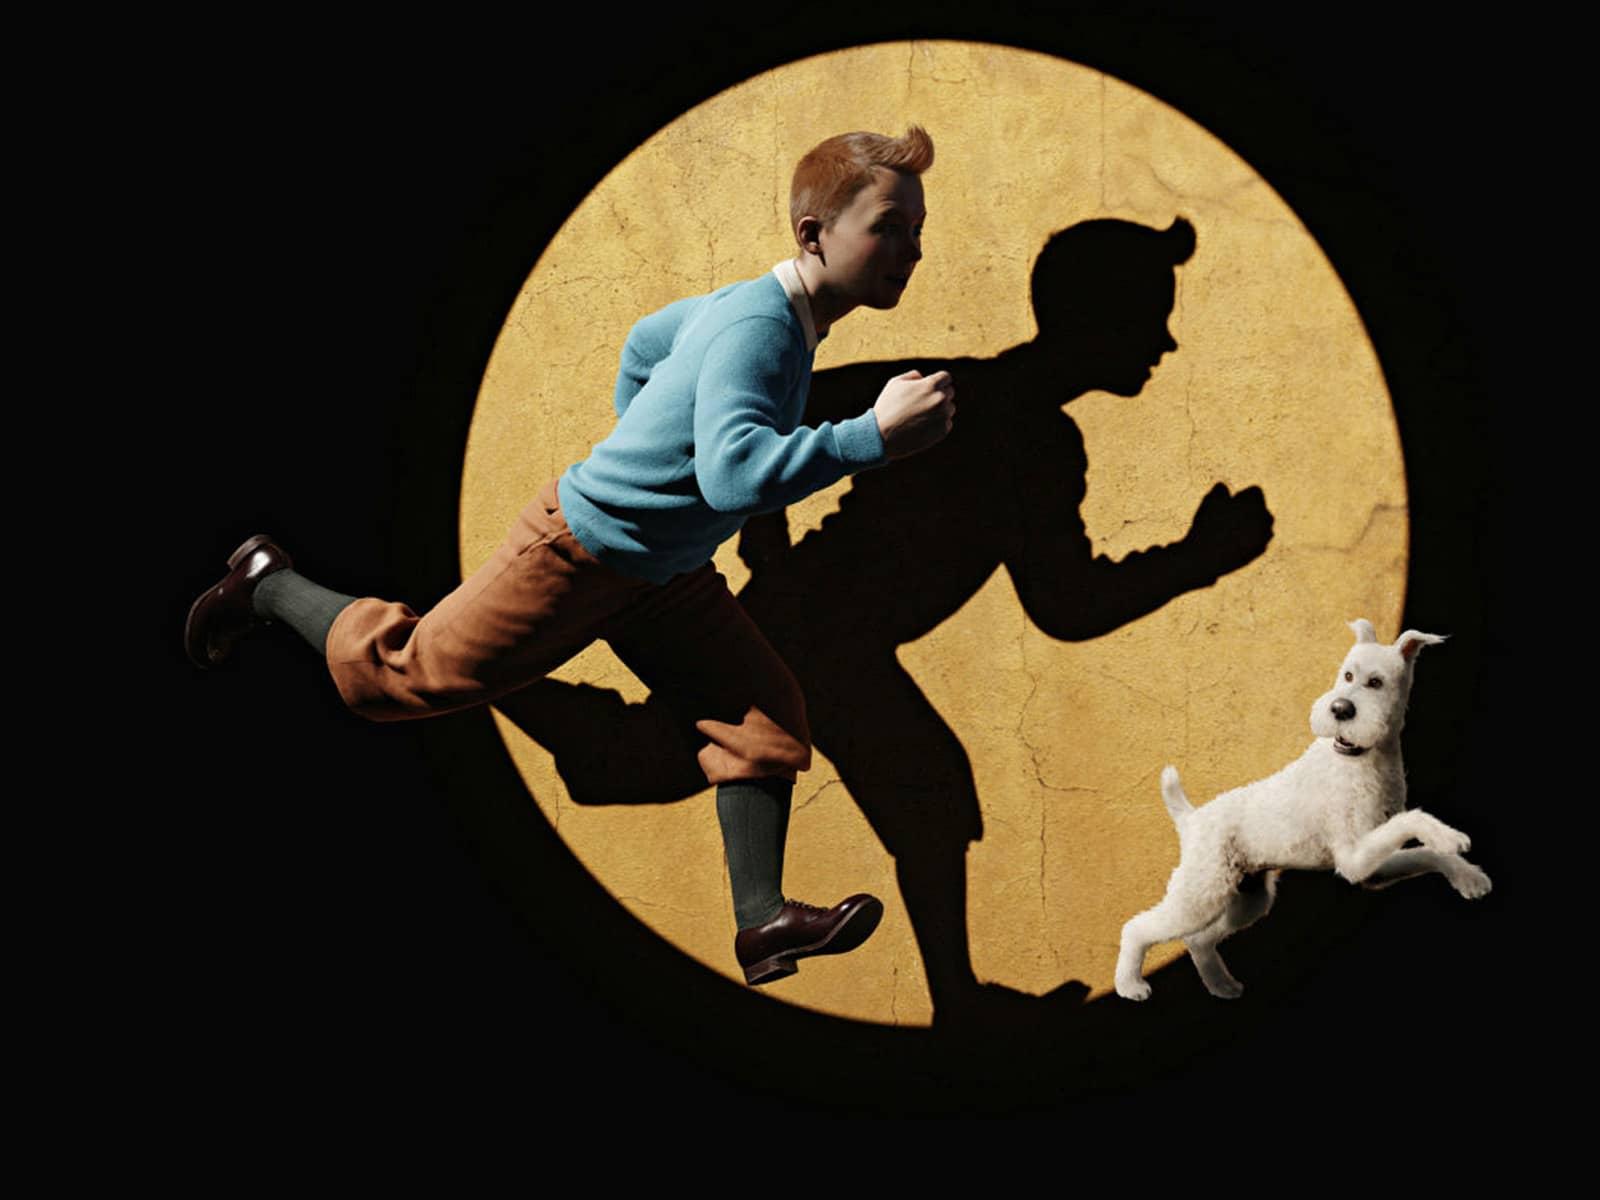 Fonds d'écran Tintin : Le Secret de la Licorne